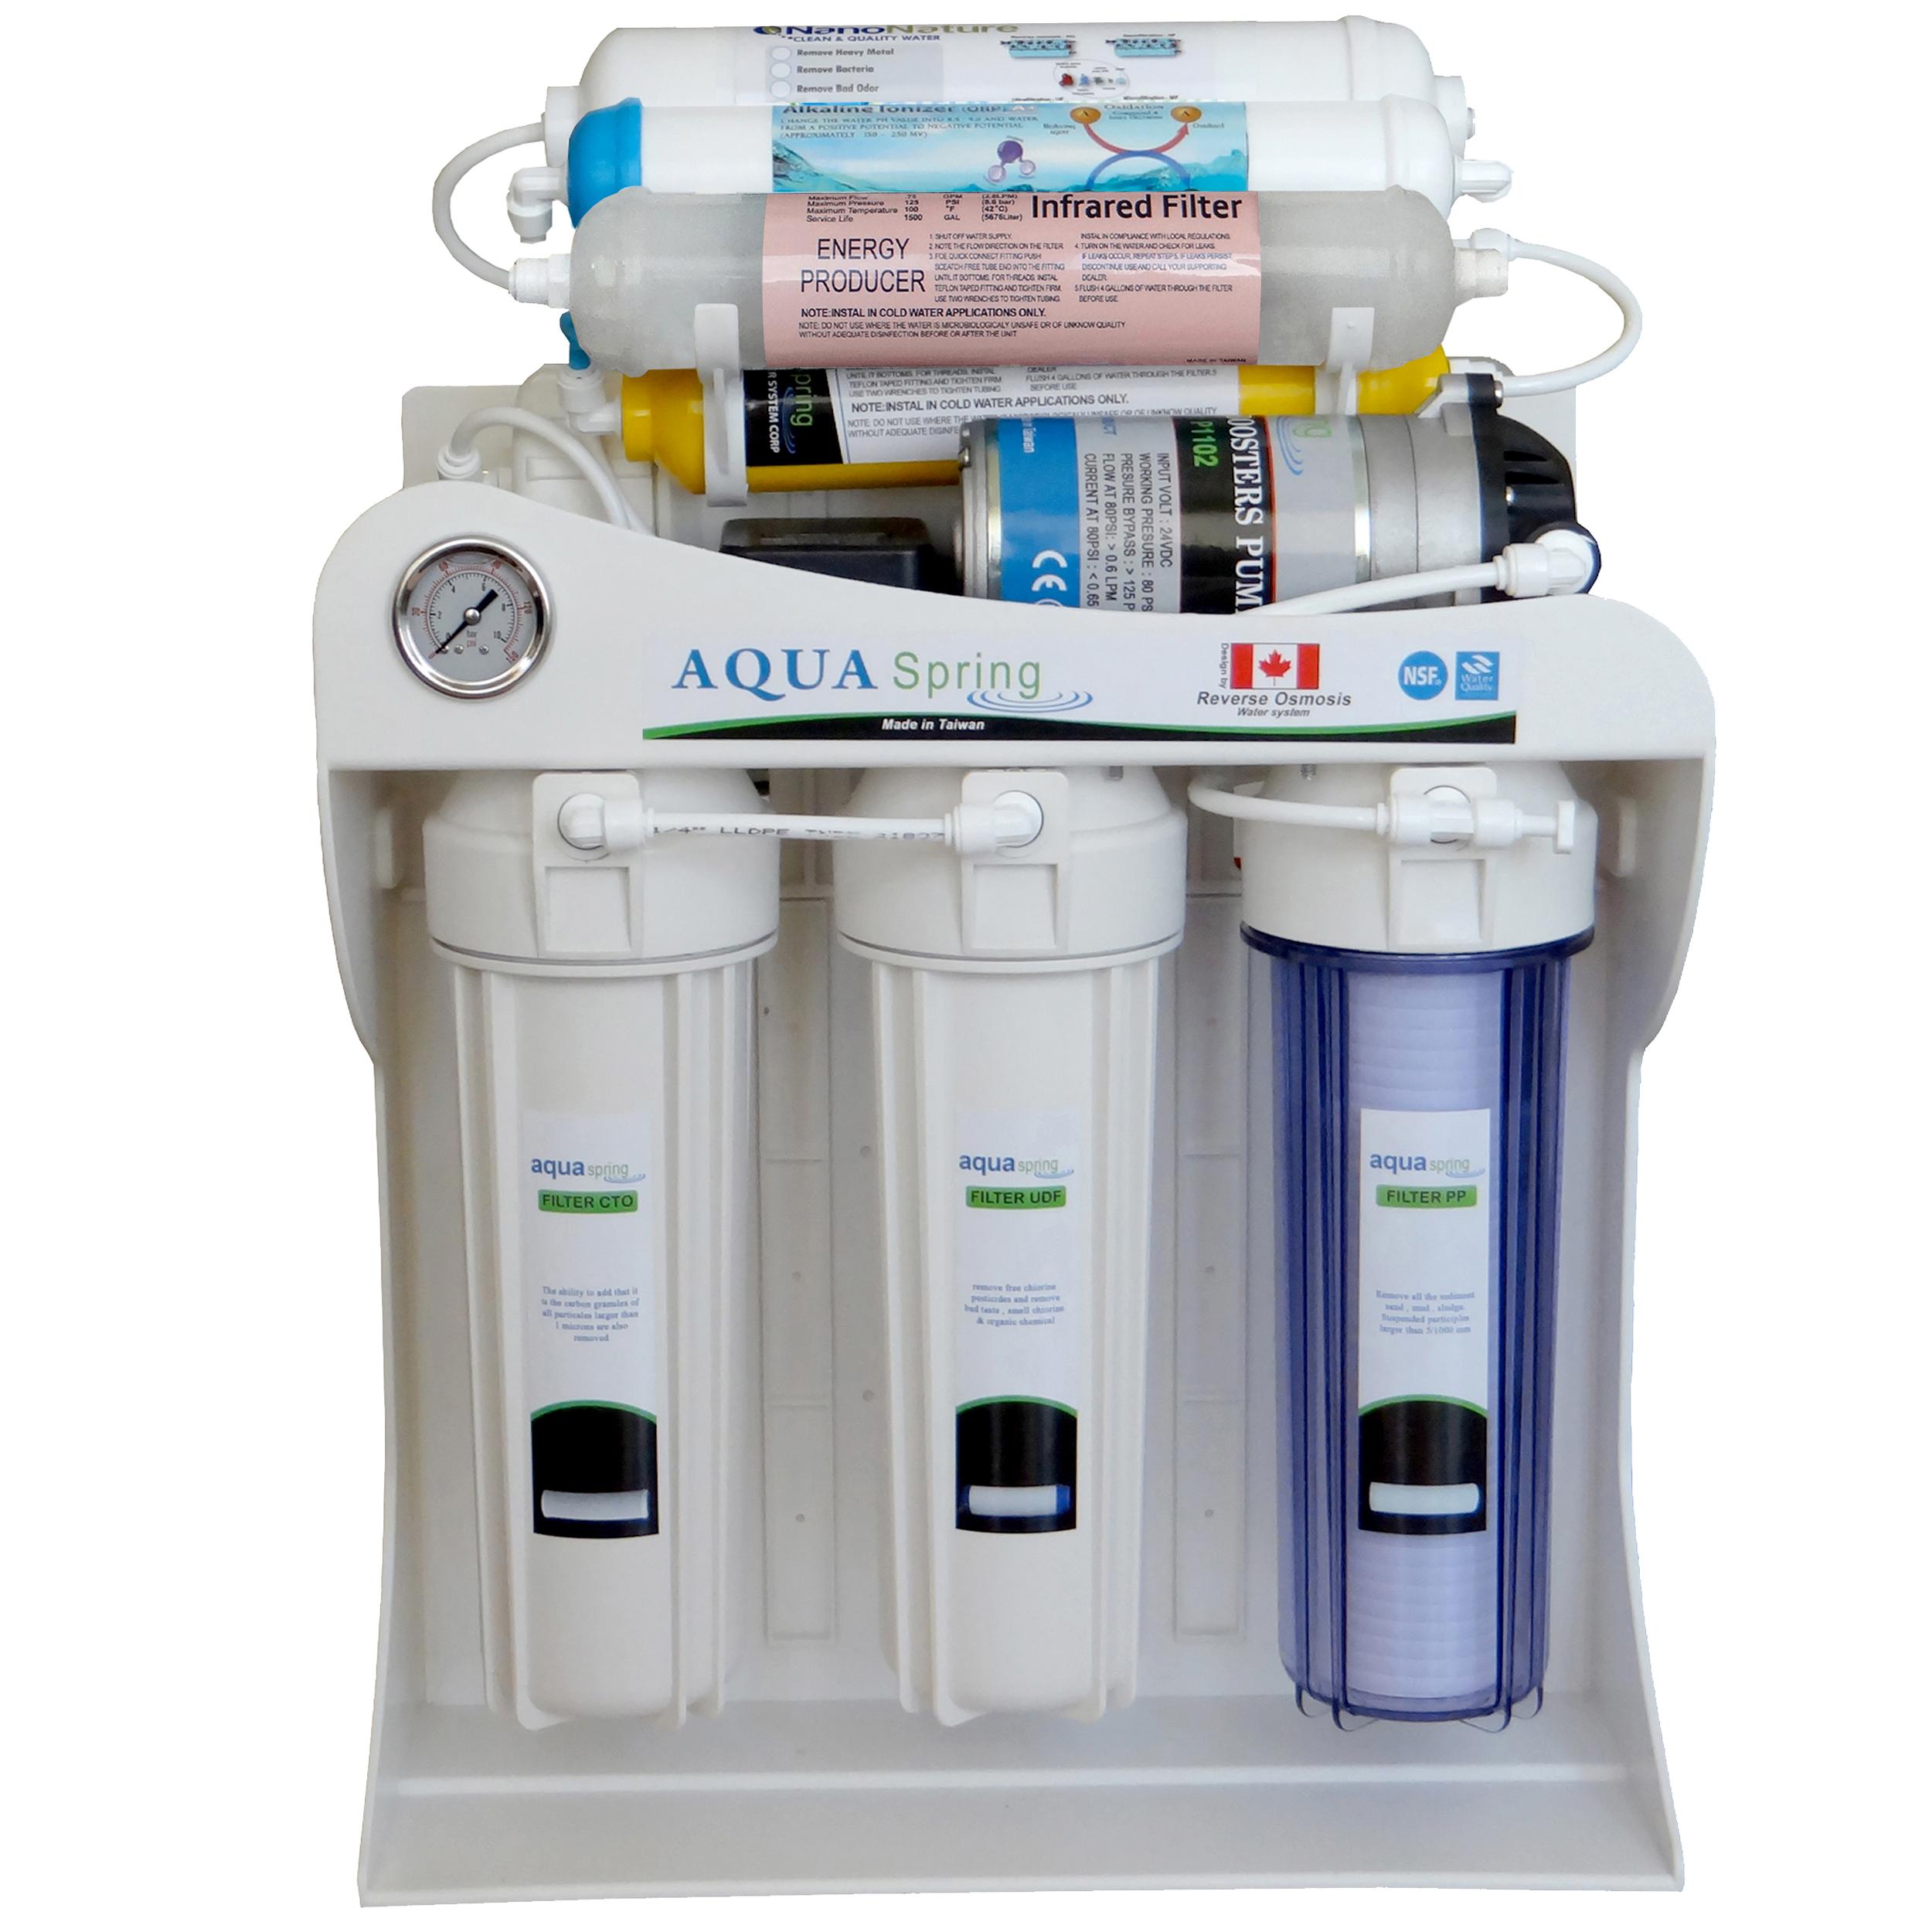 دستگاه تصفیه کننده آب آکوآ اسپرینگ مدل   RO – SF4100